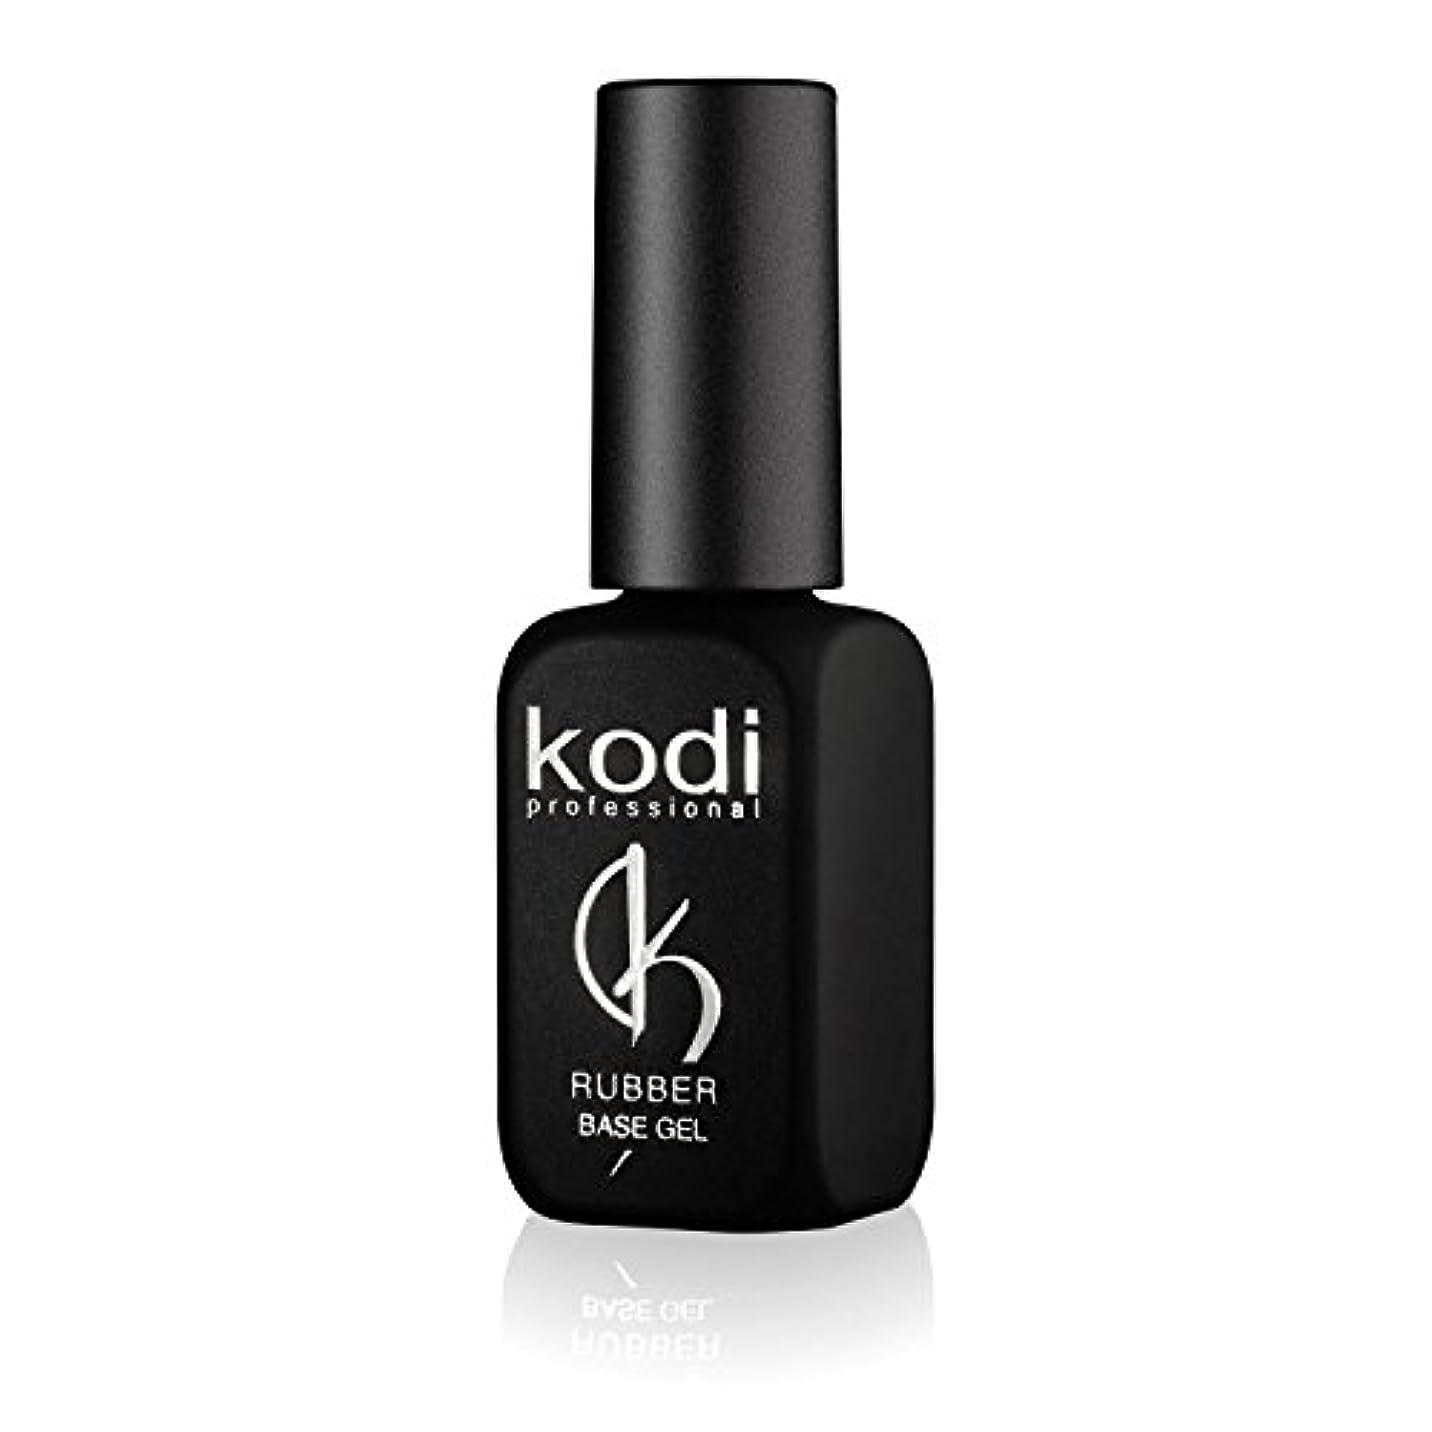 顕現アラブサラボアヒルProfessional Rubber Base Gel By Kodi | 12ml 0.42 oz | Soak Off, Polish Fingernails Coat Gel | For Long Lasting...